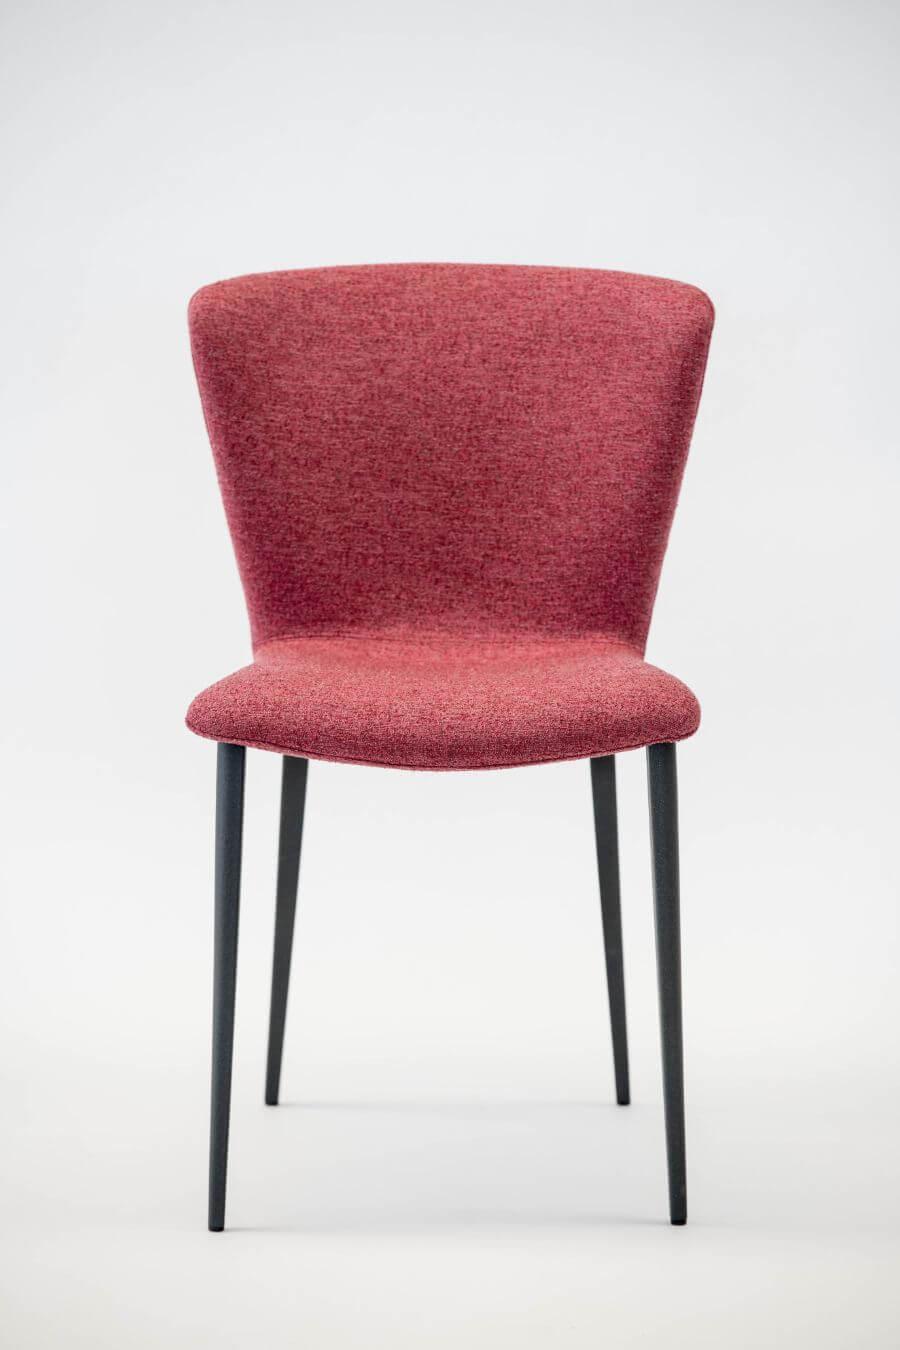 sedie-collezione-riflessi-gio'-il-mobile